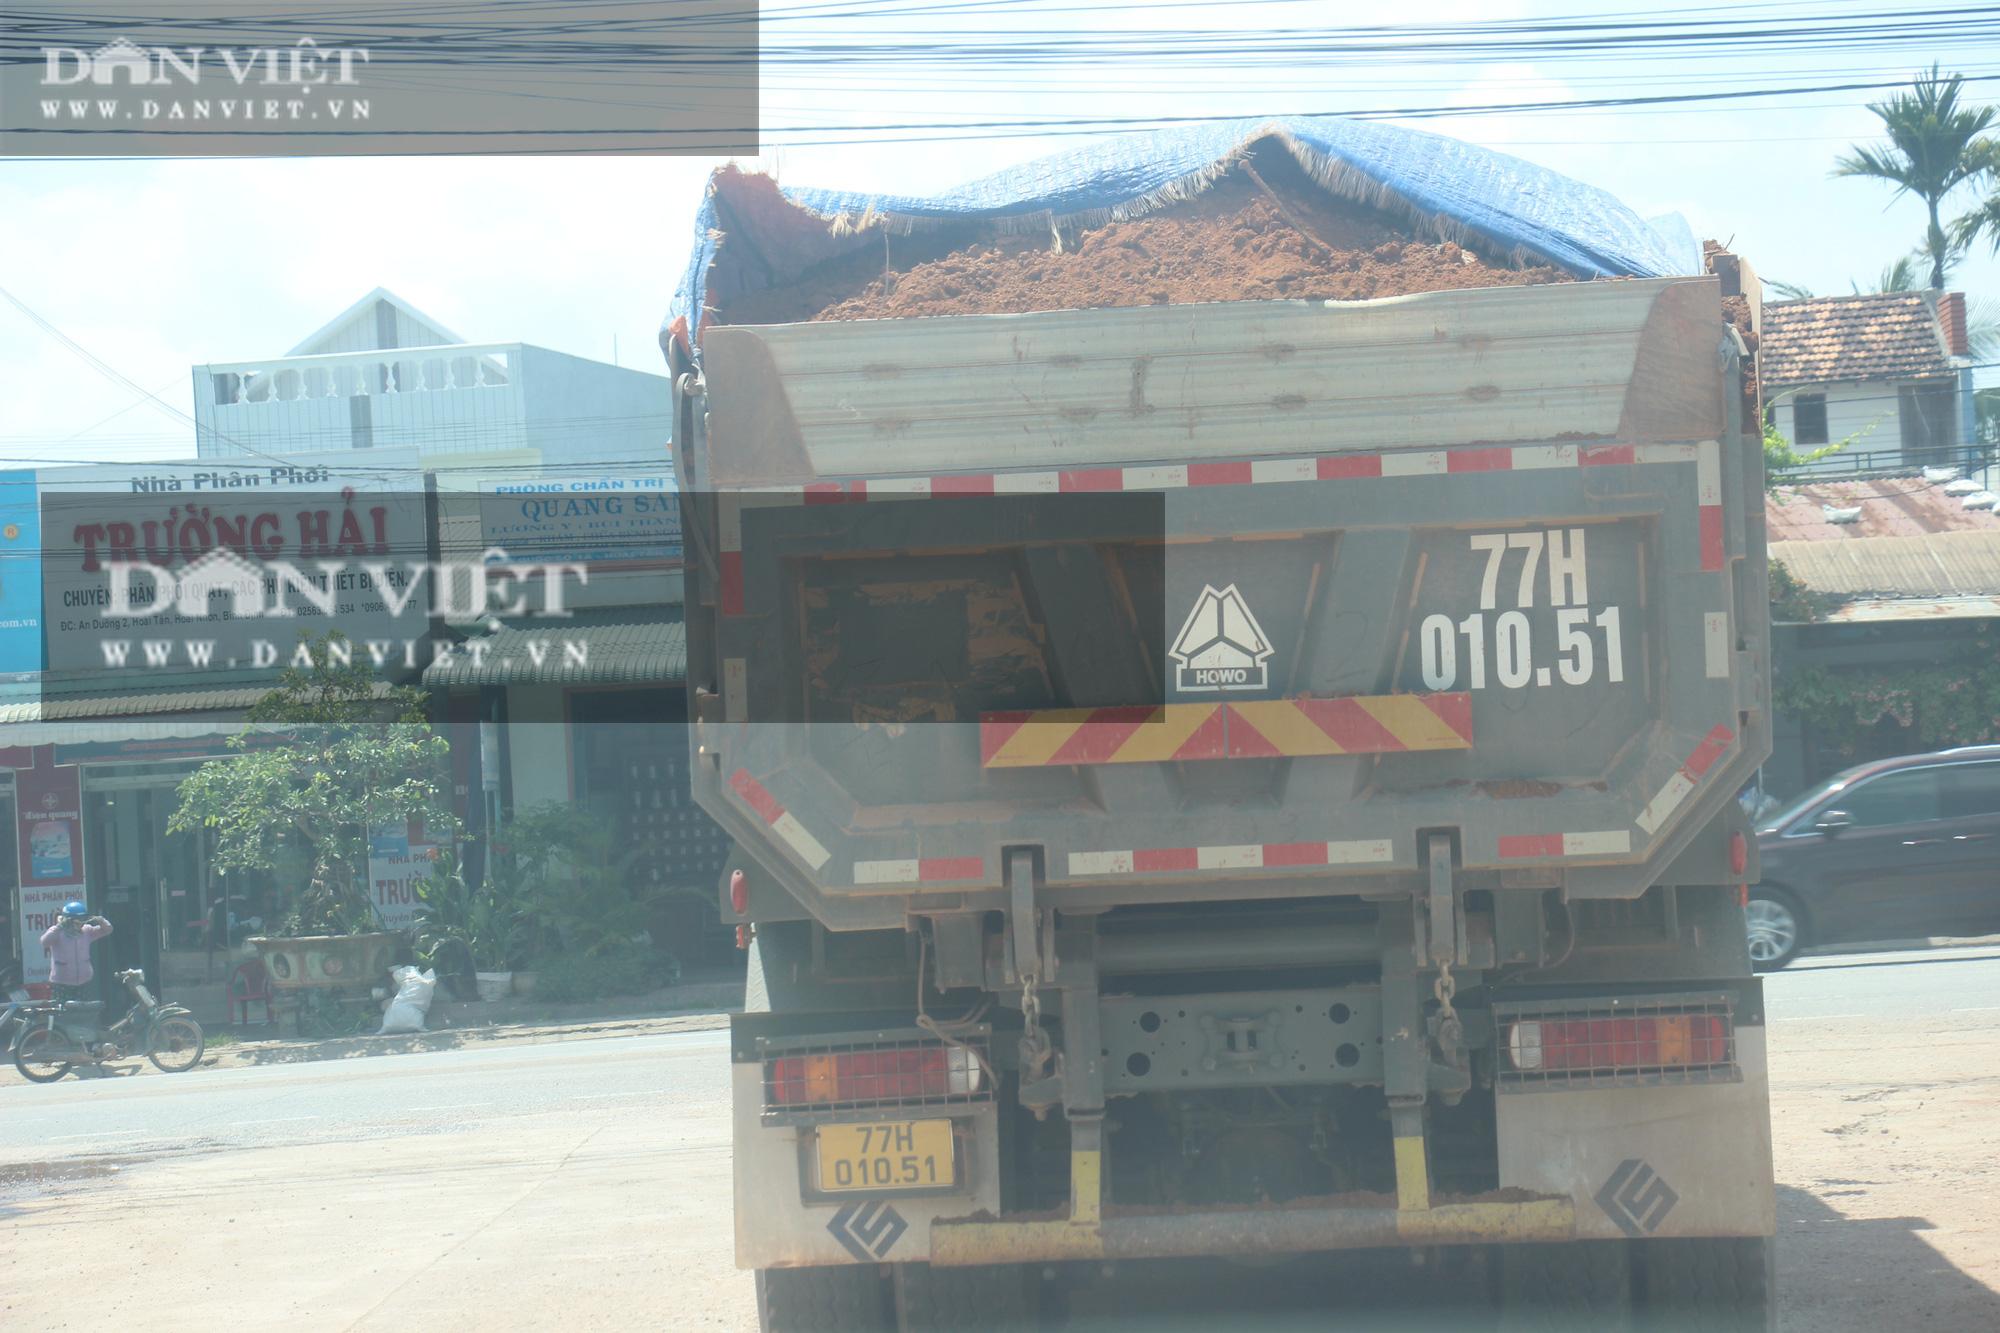 """Đoàn xe hổ vồ logo Bá Sanh Đường """"tung hoành"""" ở Thị xã Hoài Nhơn: Chẳng lẽ """"bó tay""""? - Ảnh 5."""